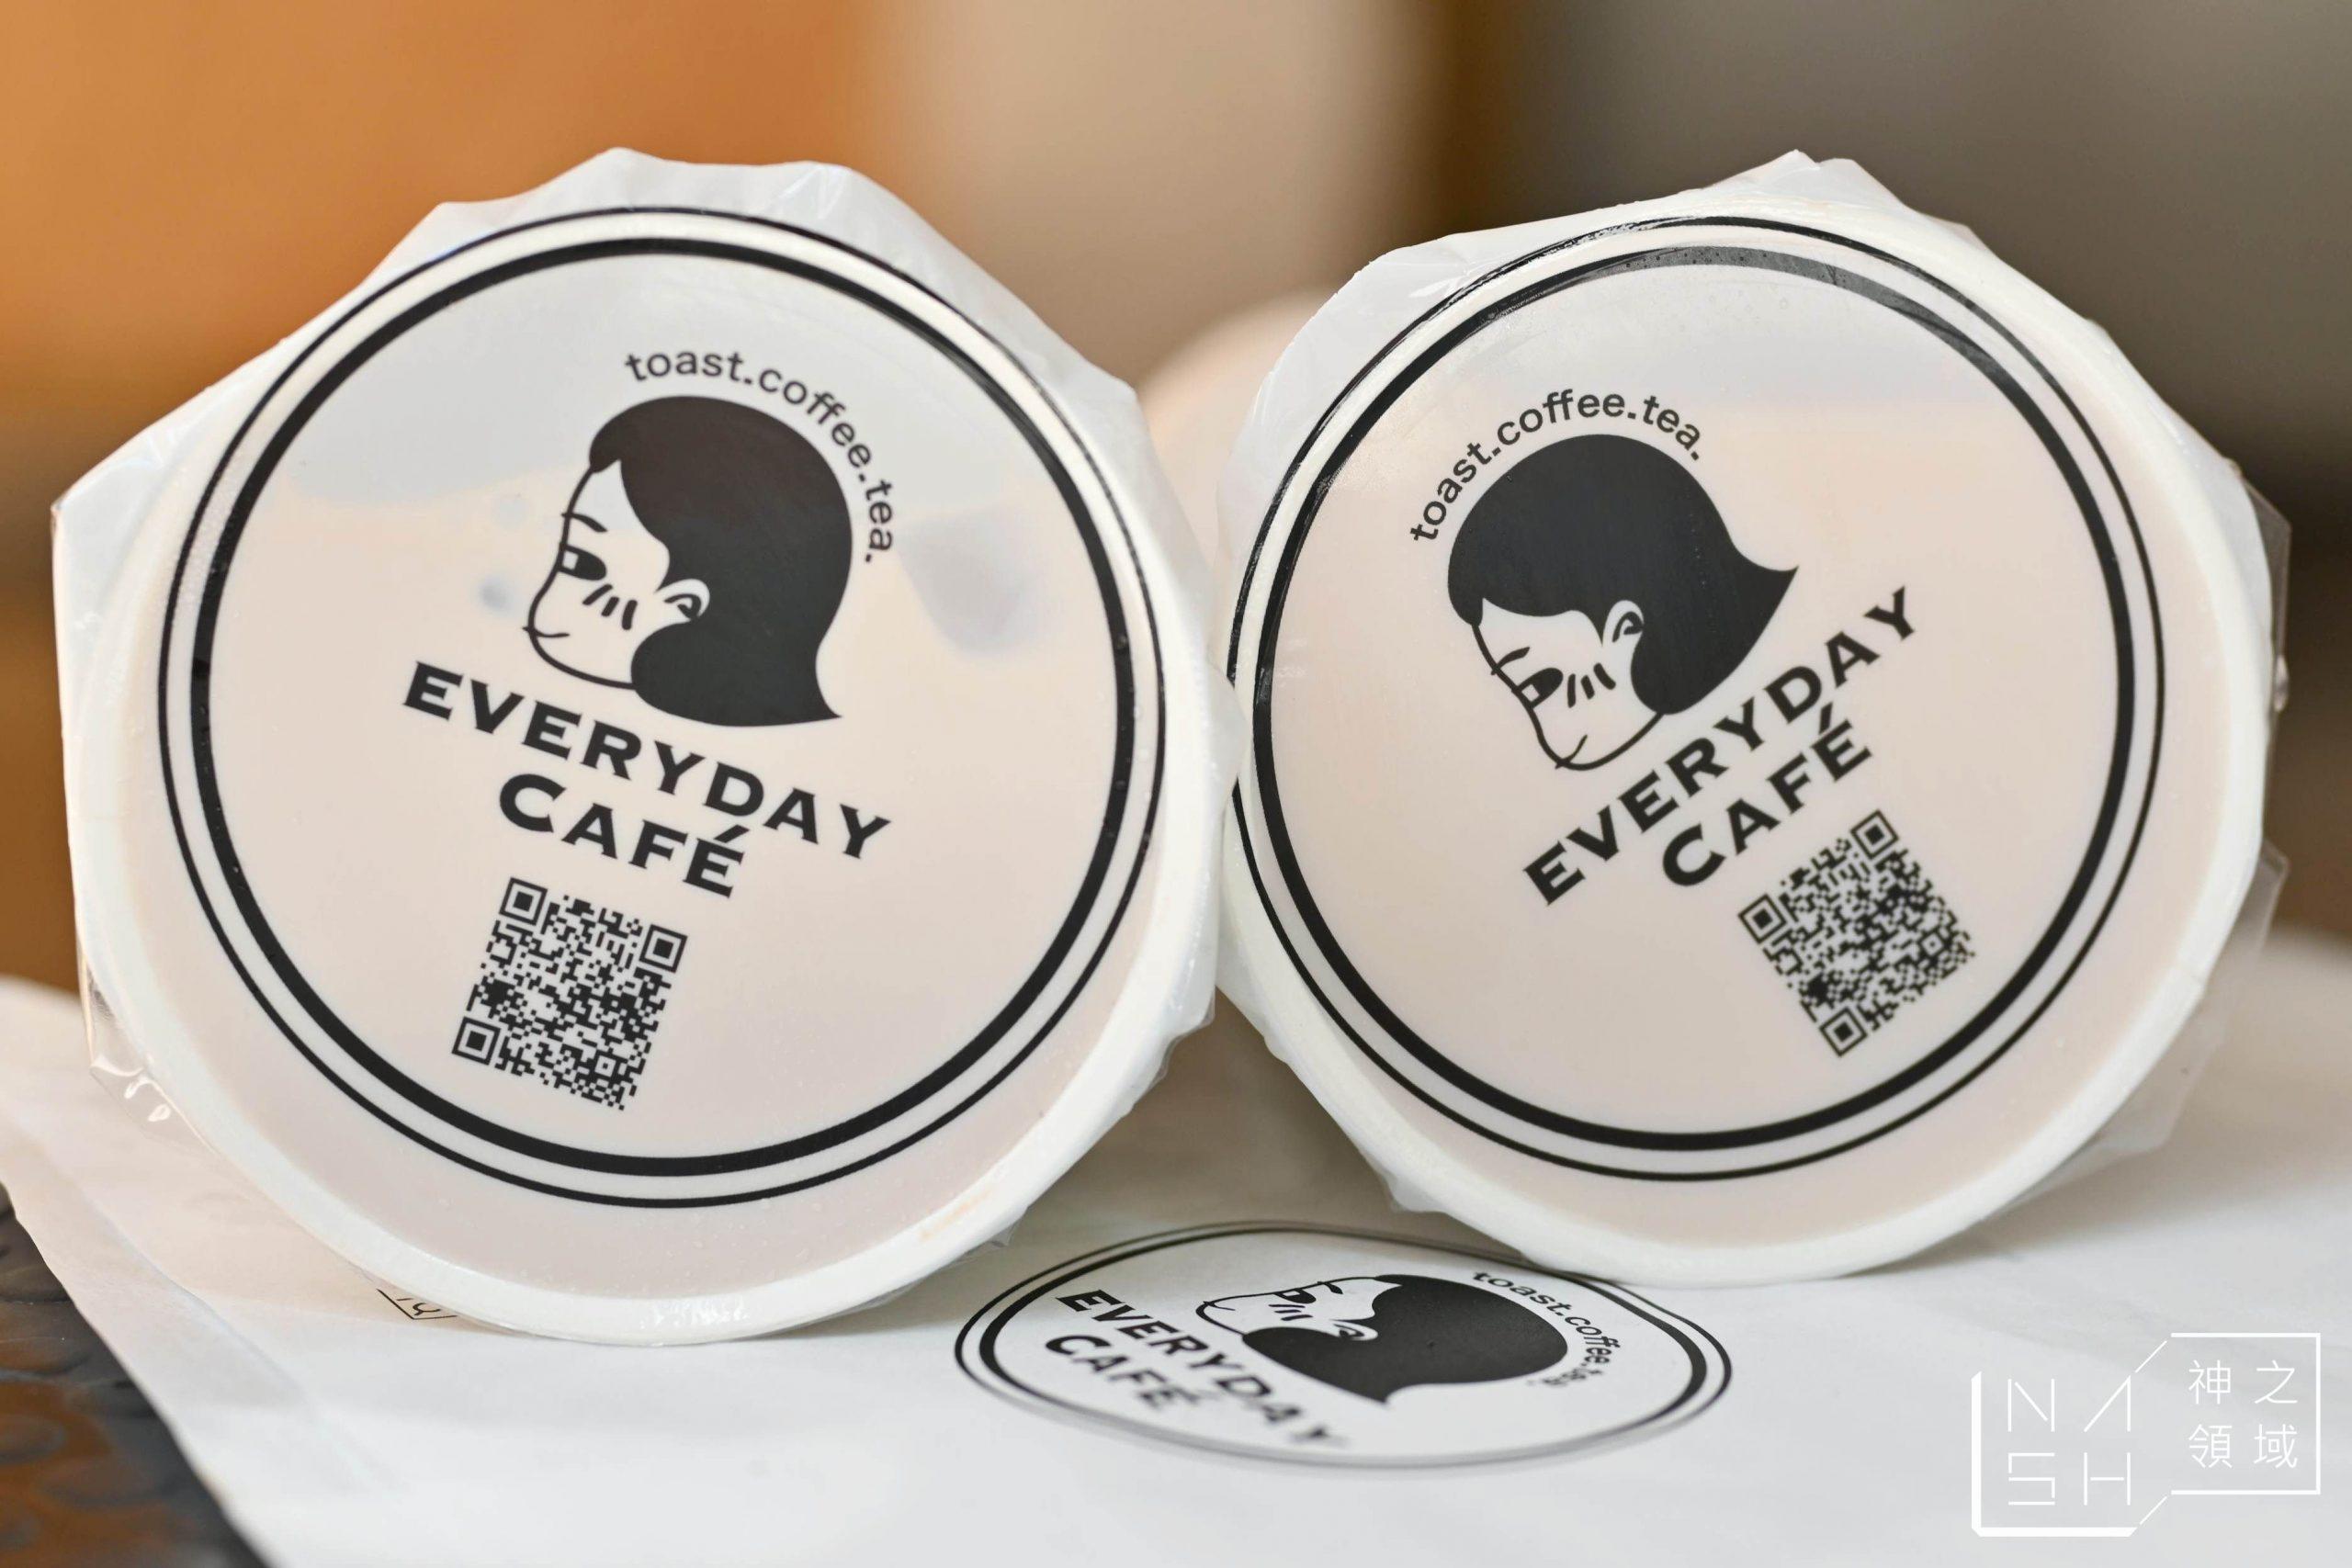 EVERYDAY CAFE